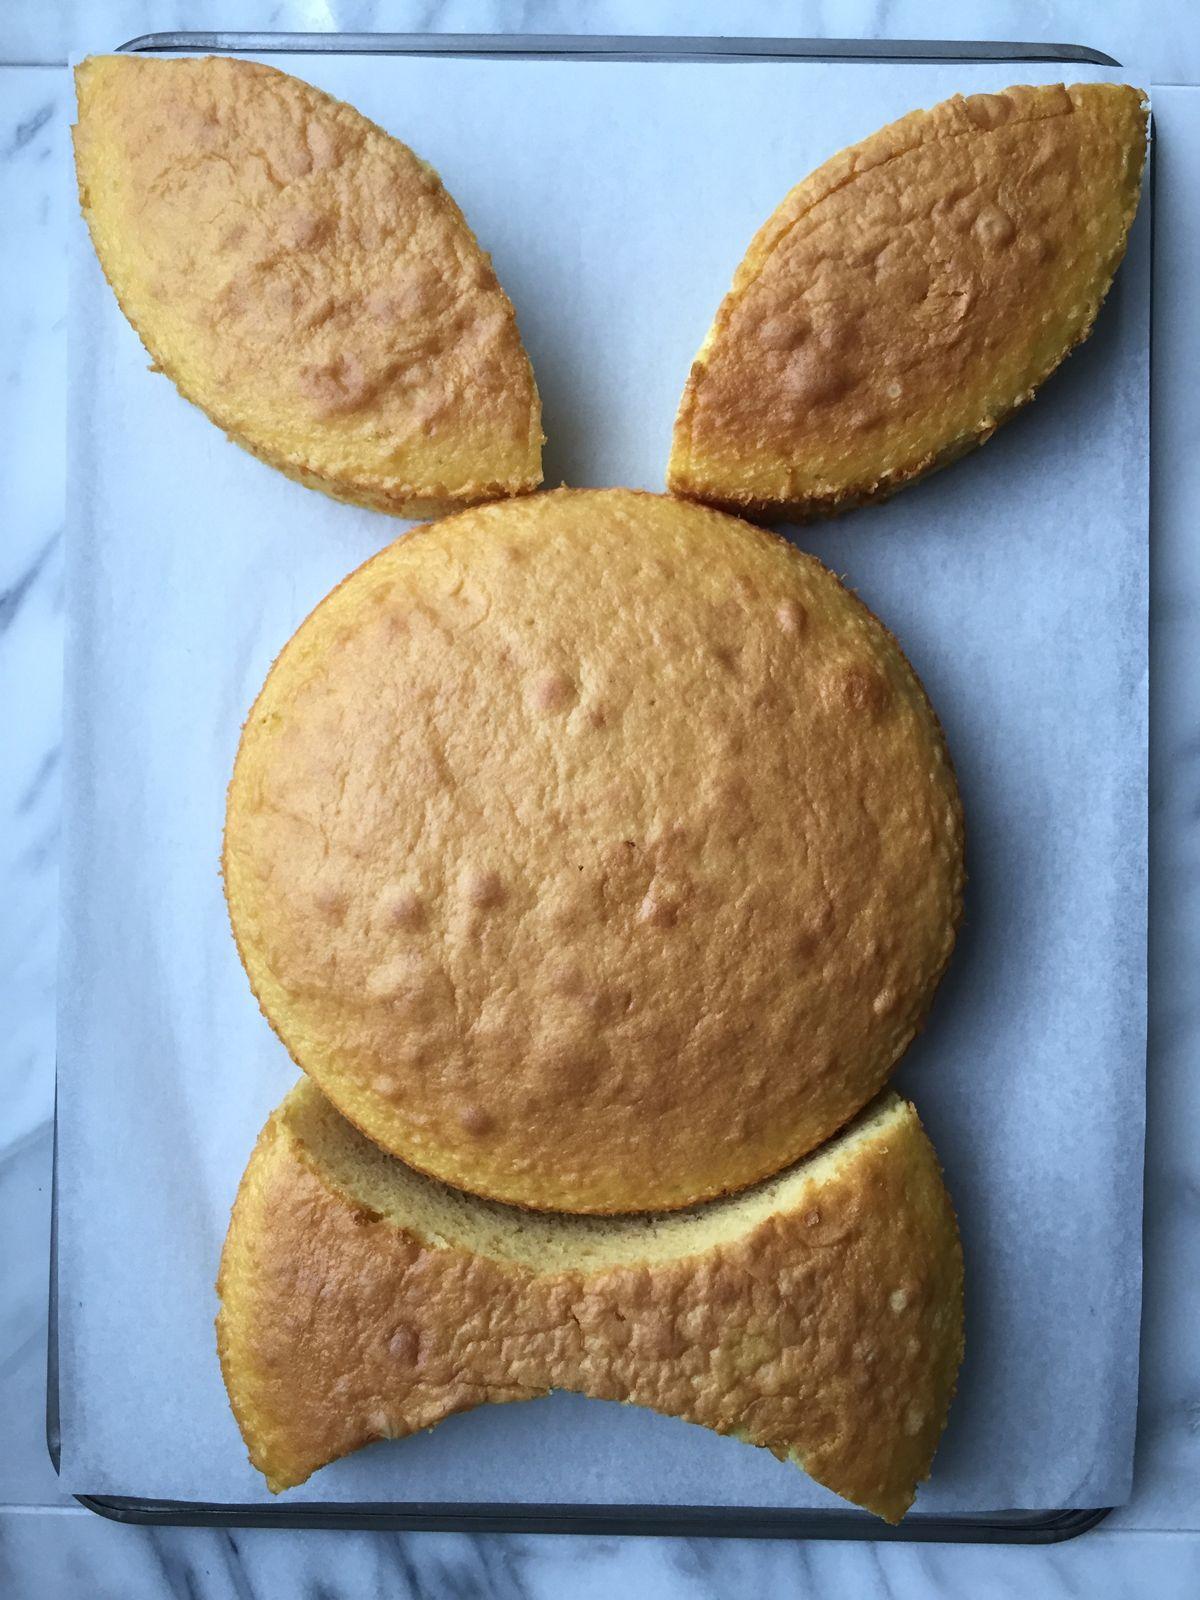 easter-bunny-cake-cake-assembly-XL-BLOG0316.jpg